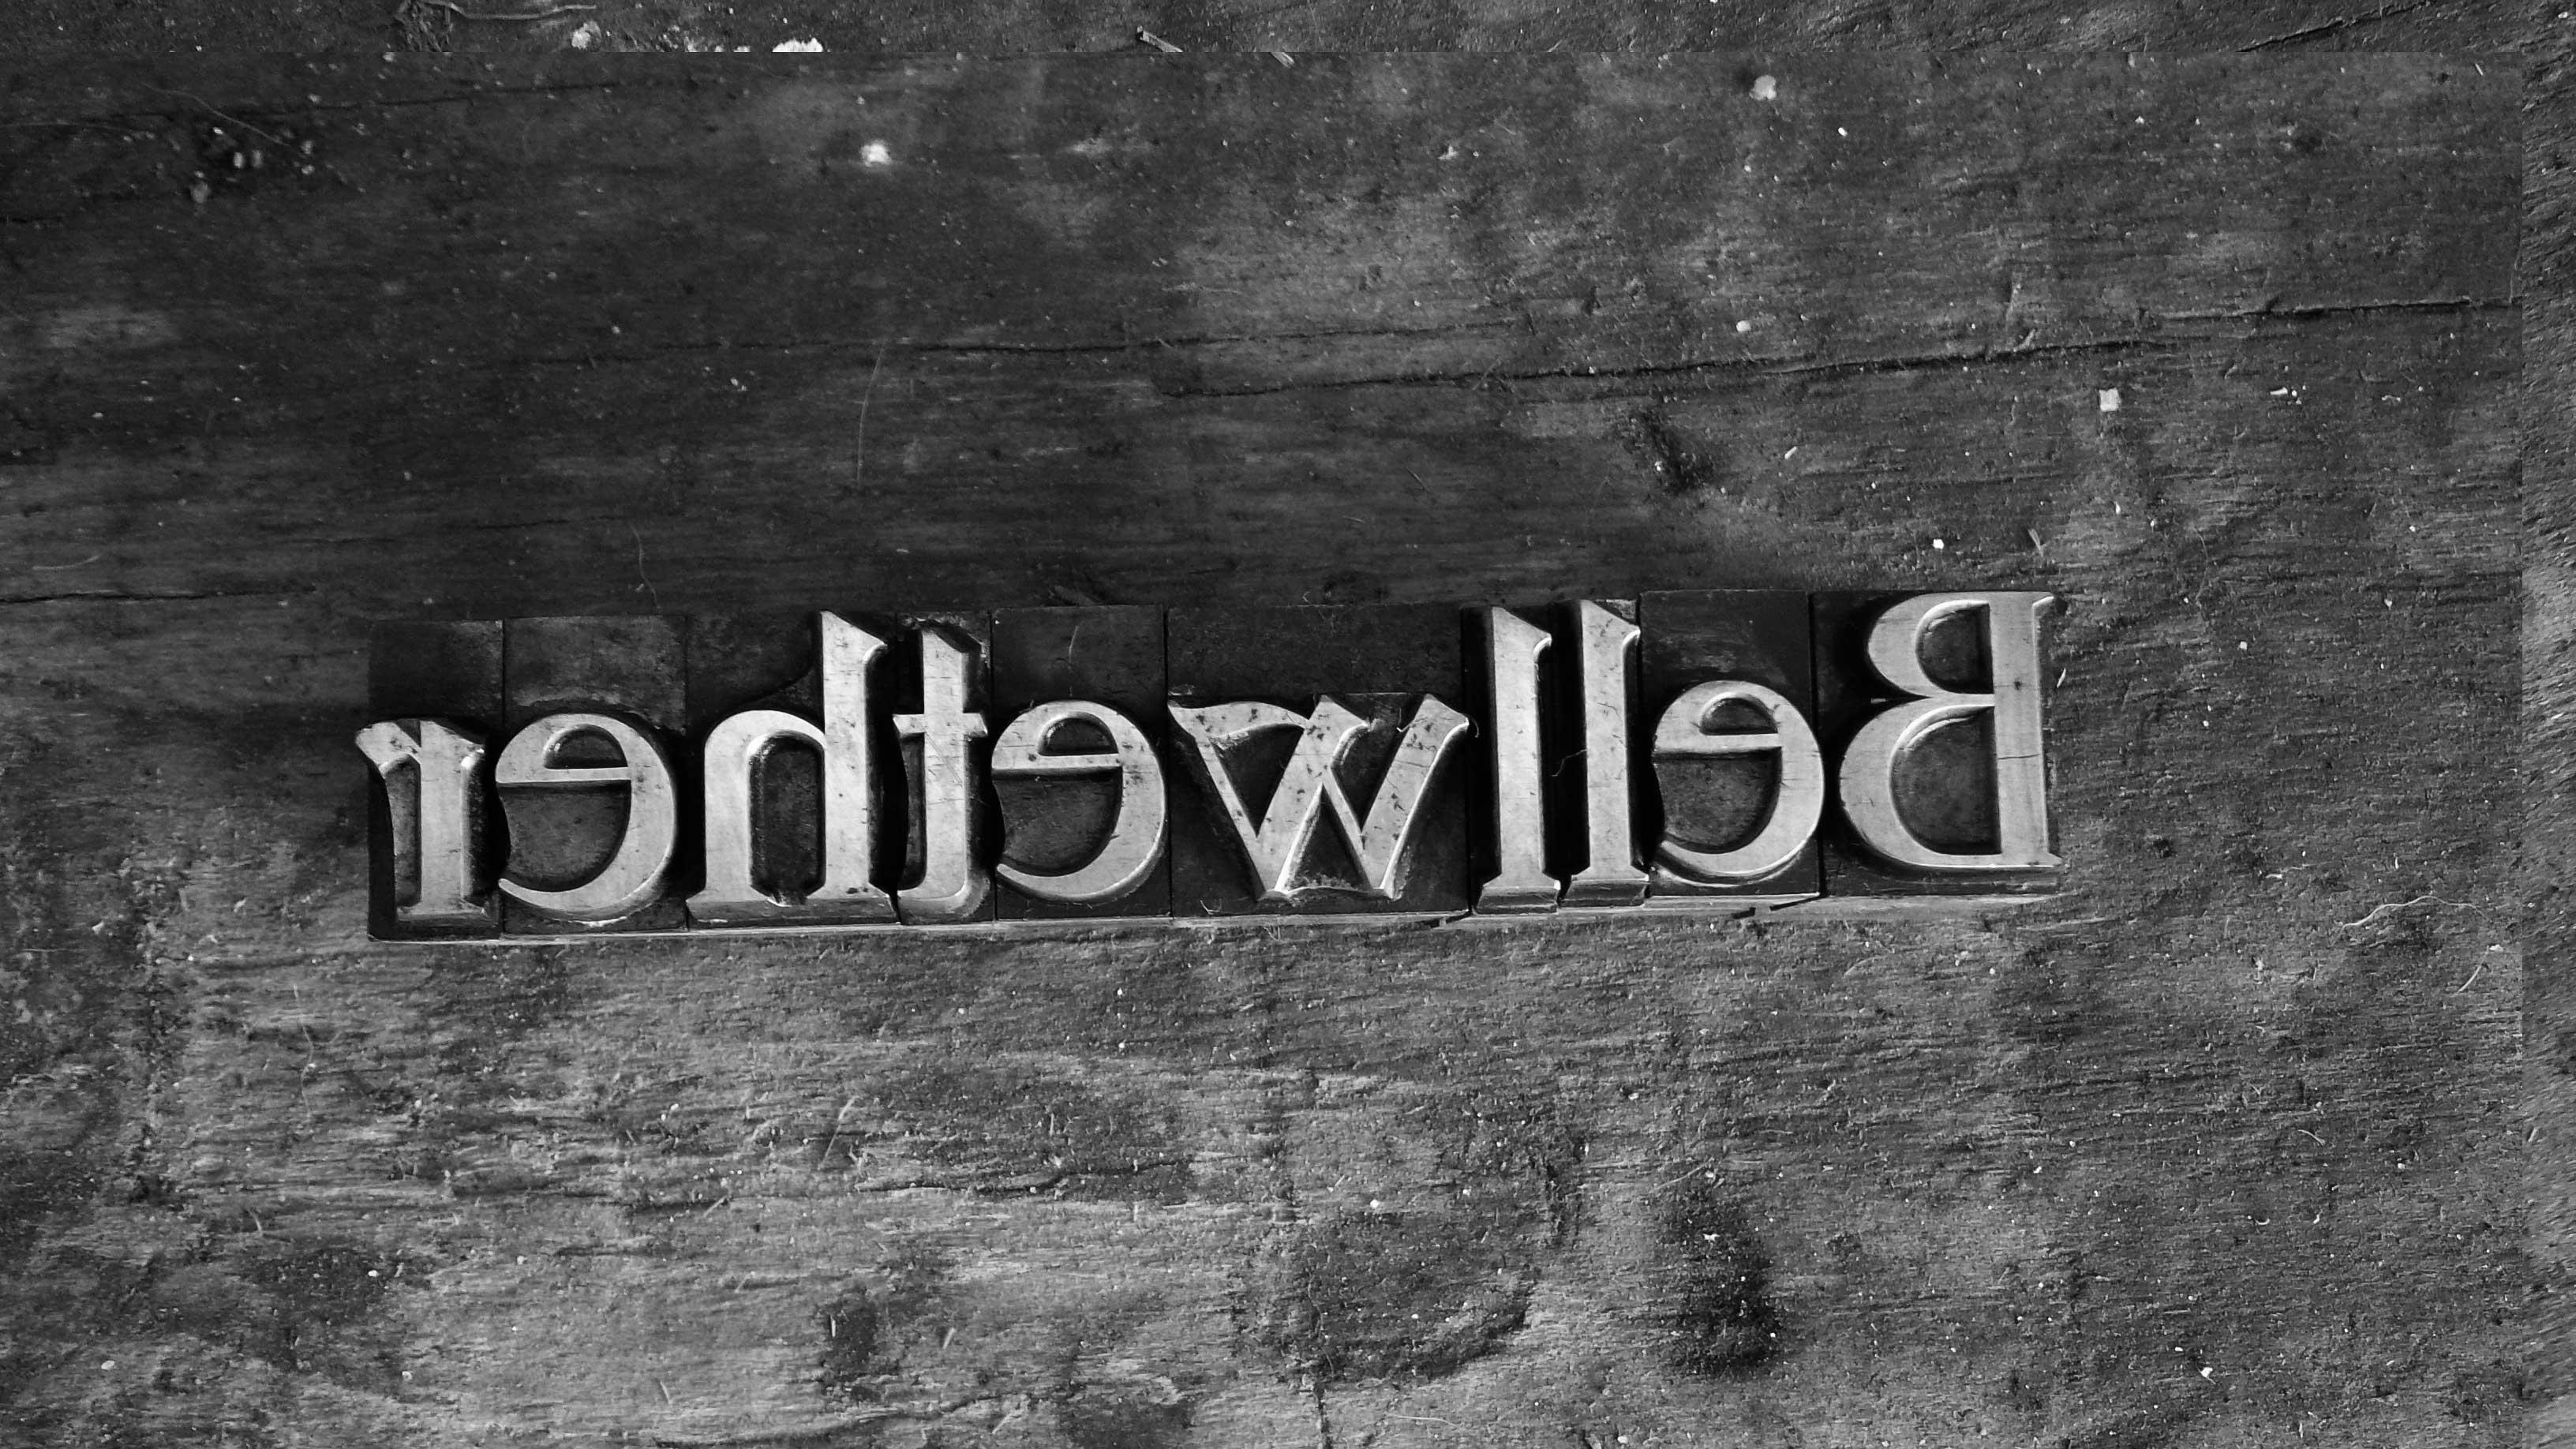 bellwether_Antique_font